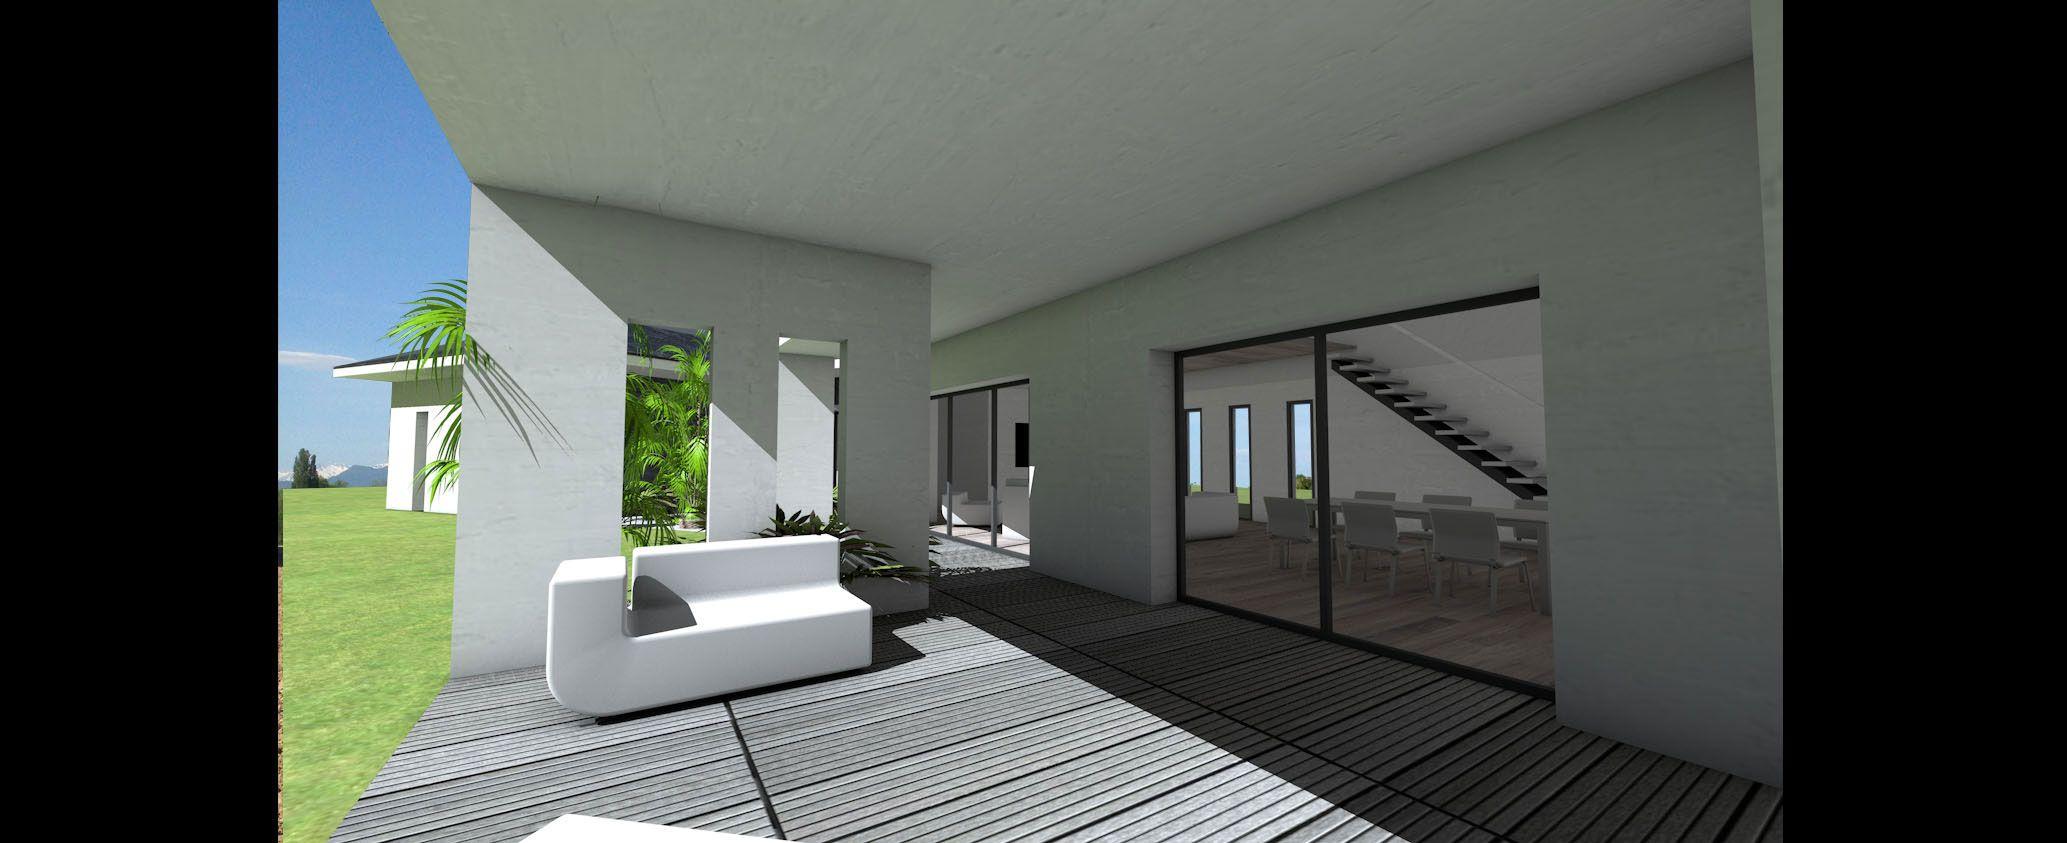 Maison Contemporaine A Toit Ardoises Et Grande Terrasse